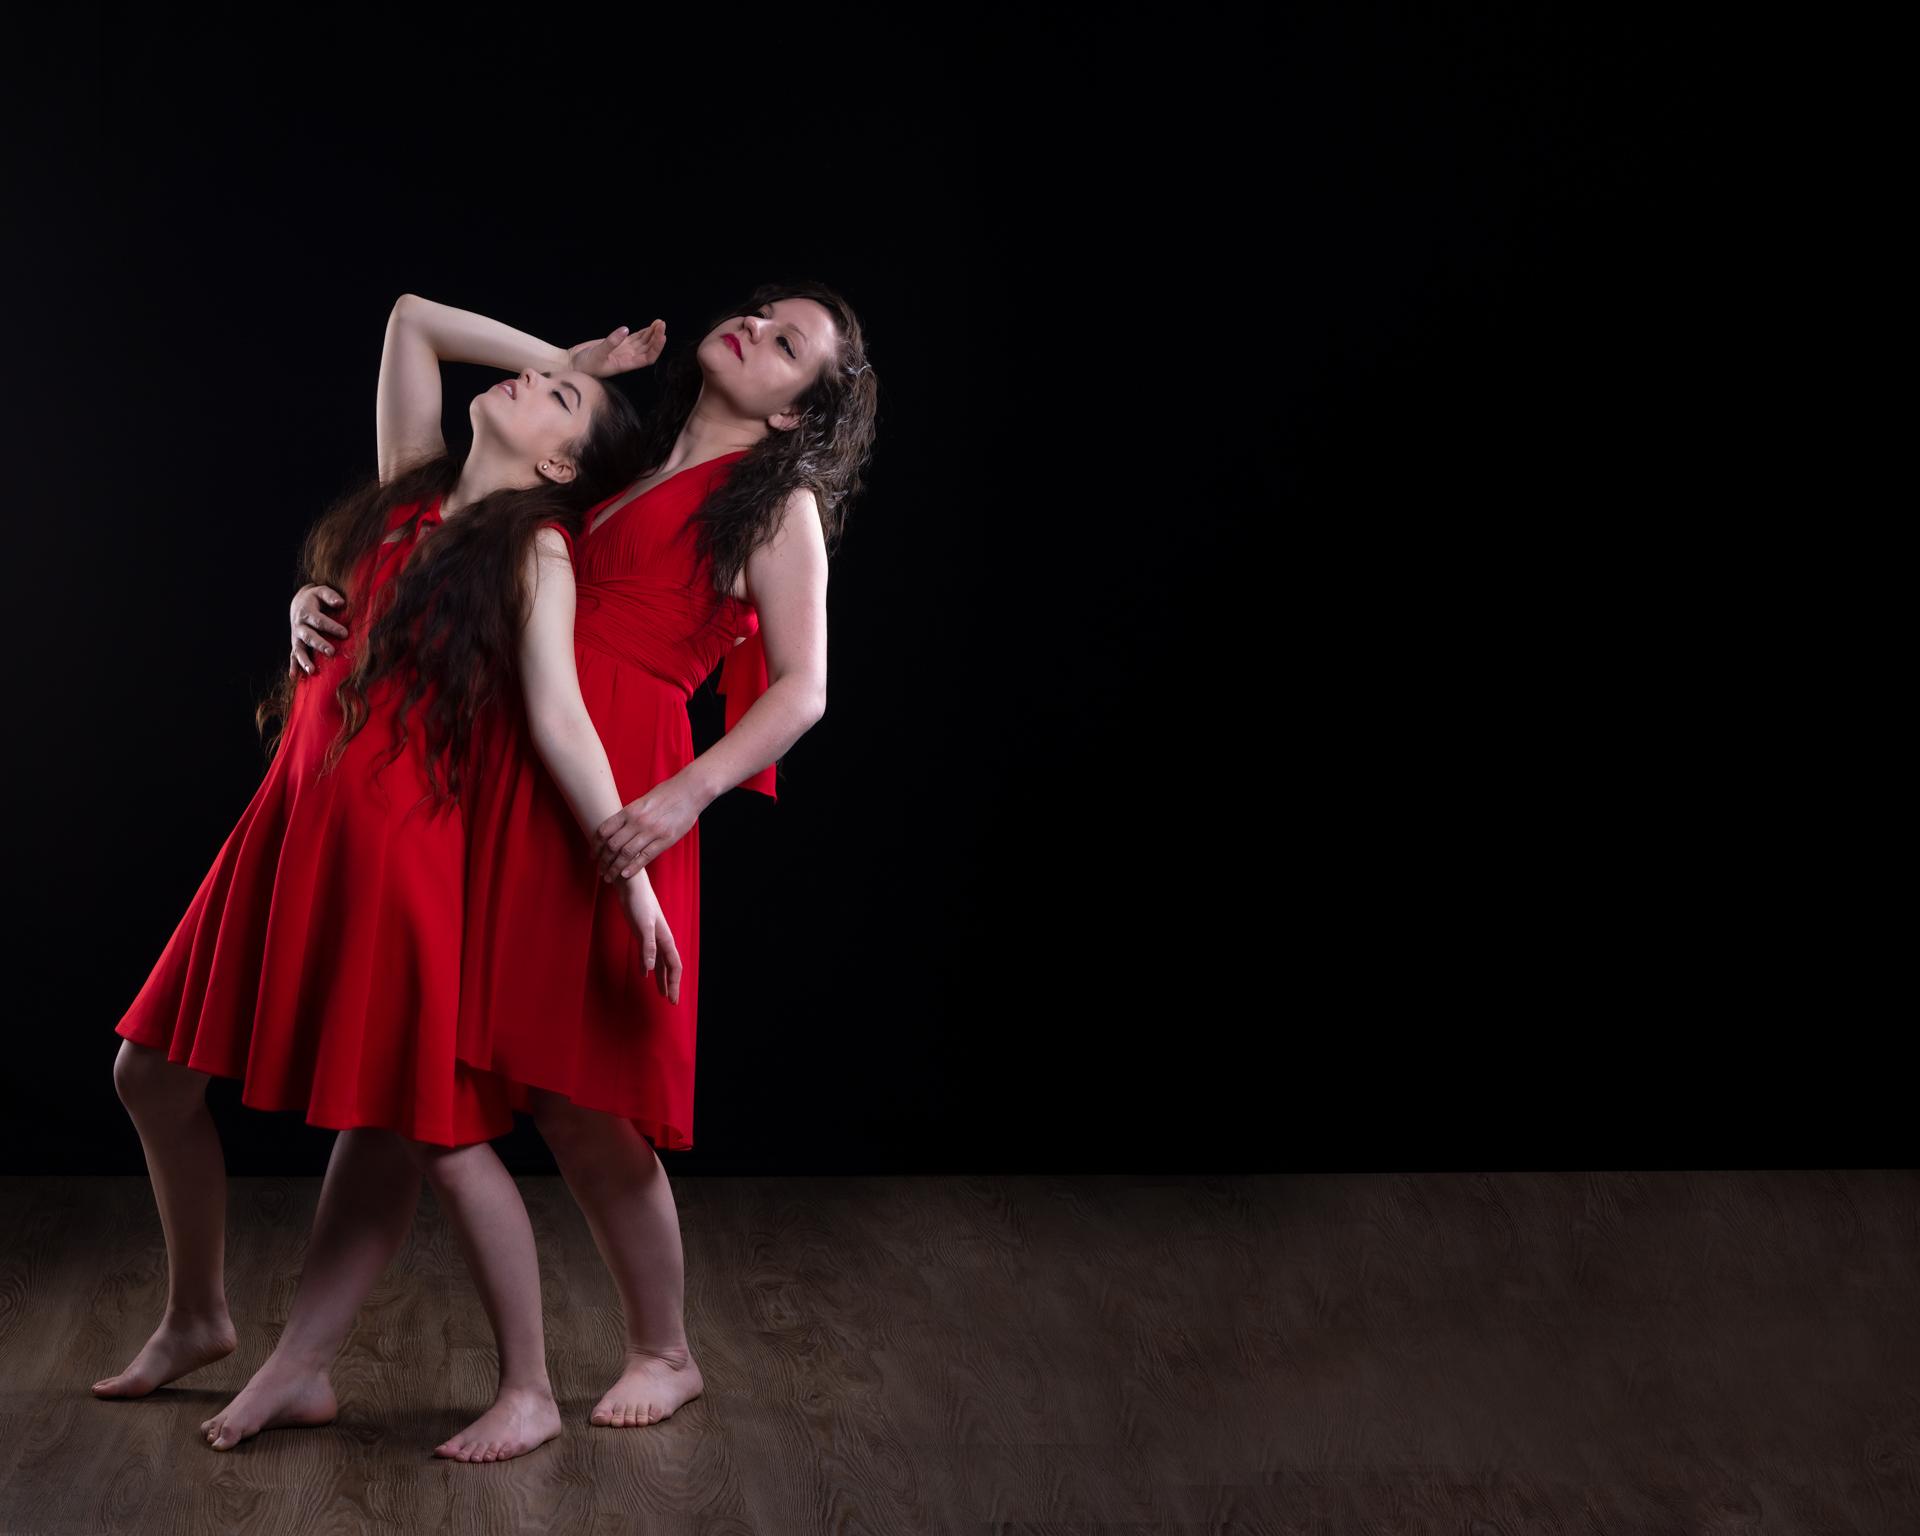 CFrenette-Jessie-Julie-duo-4